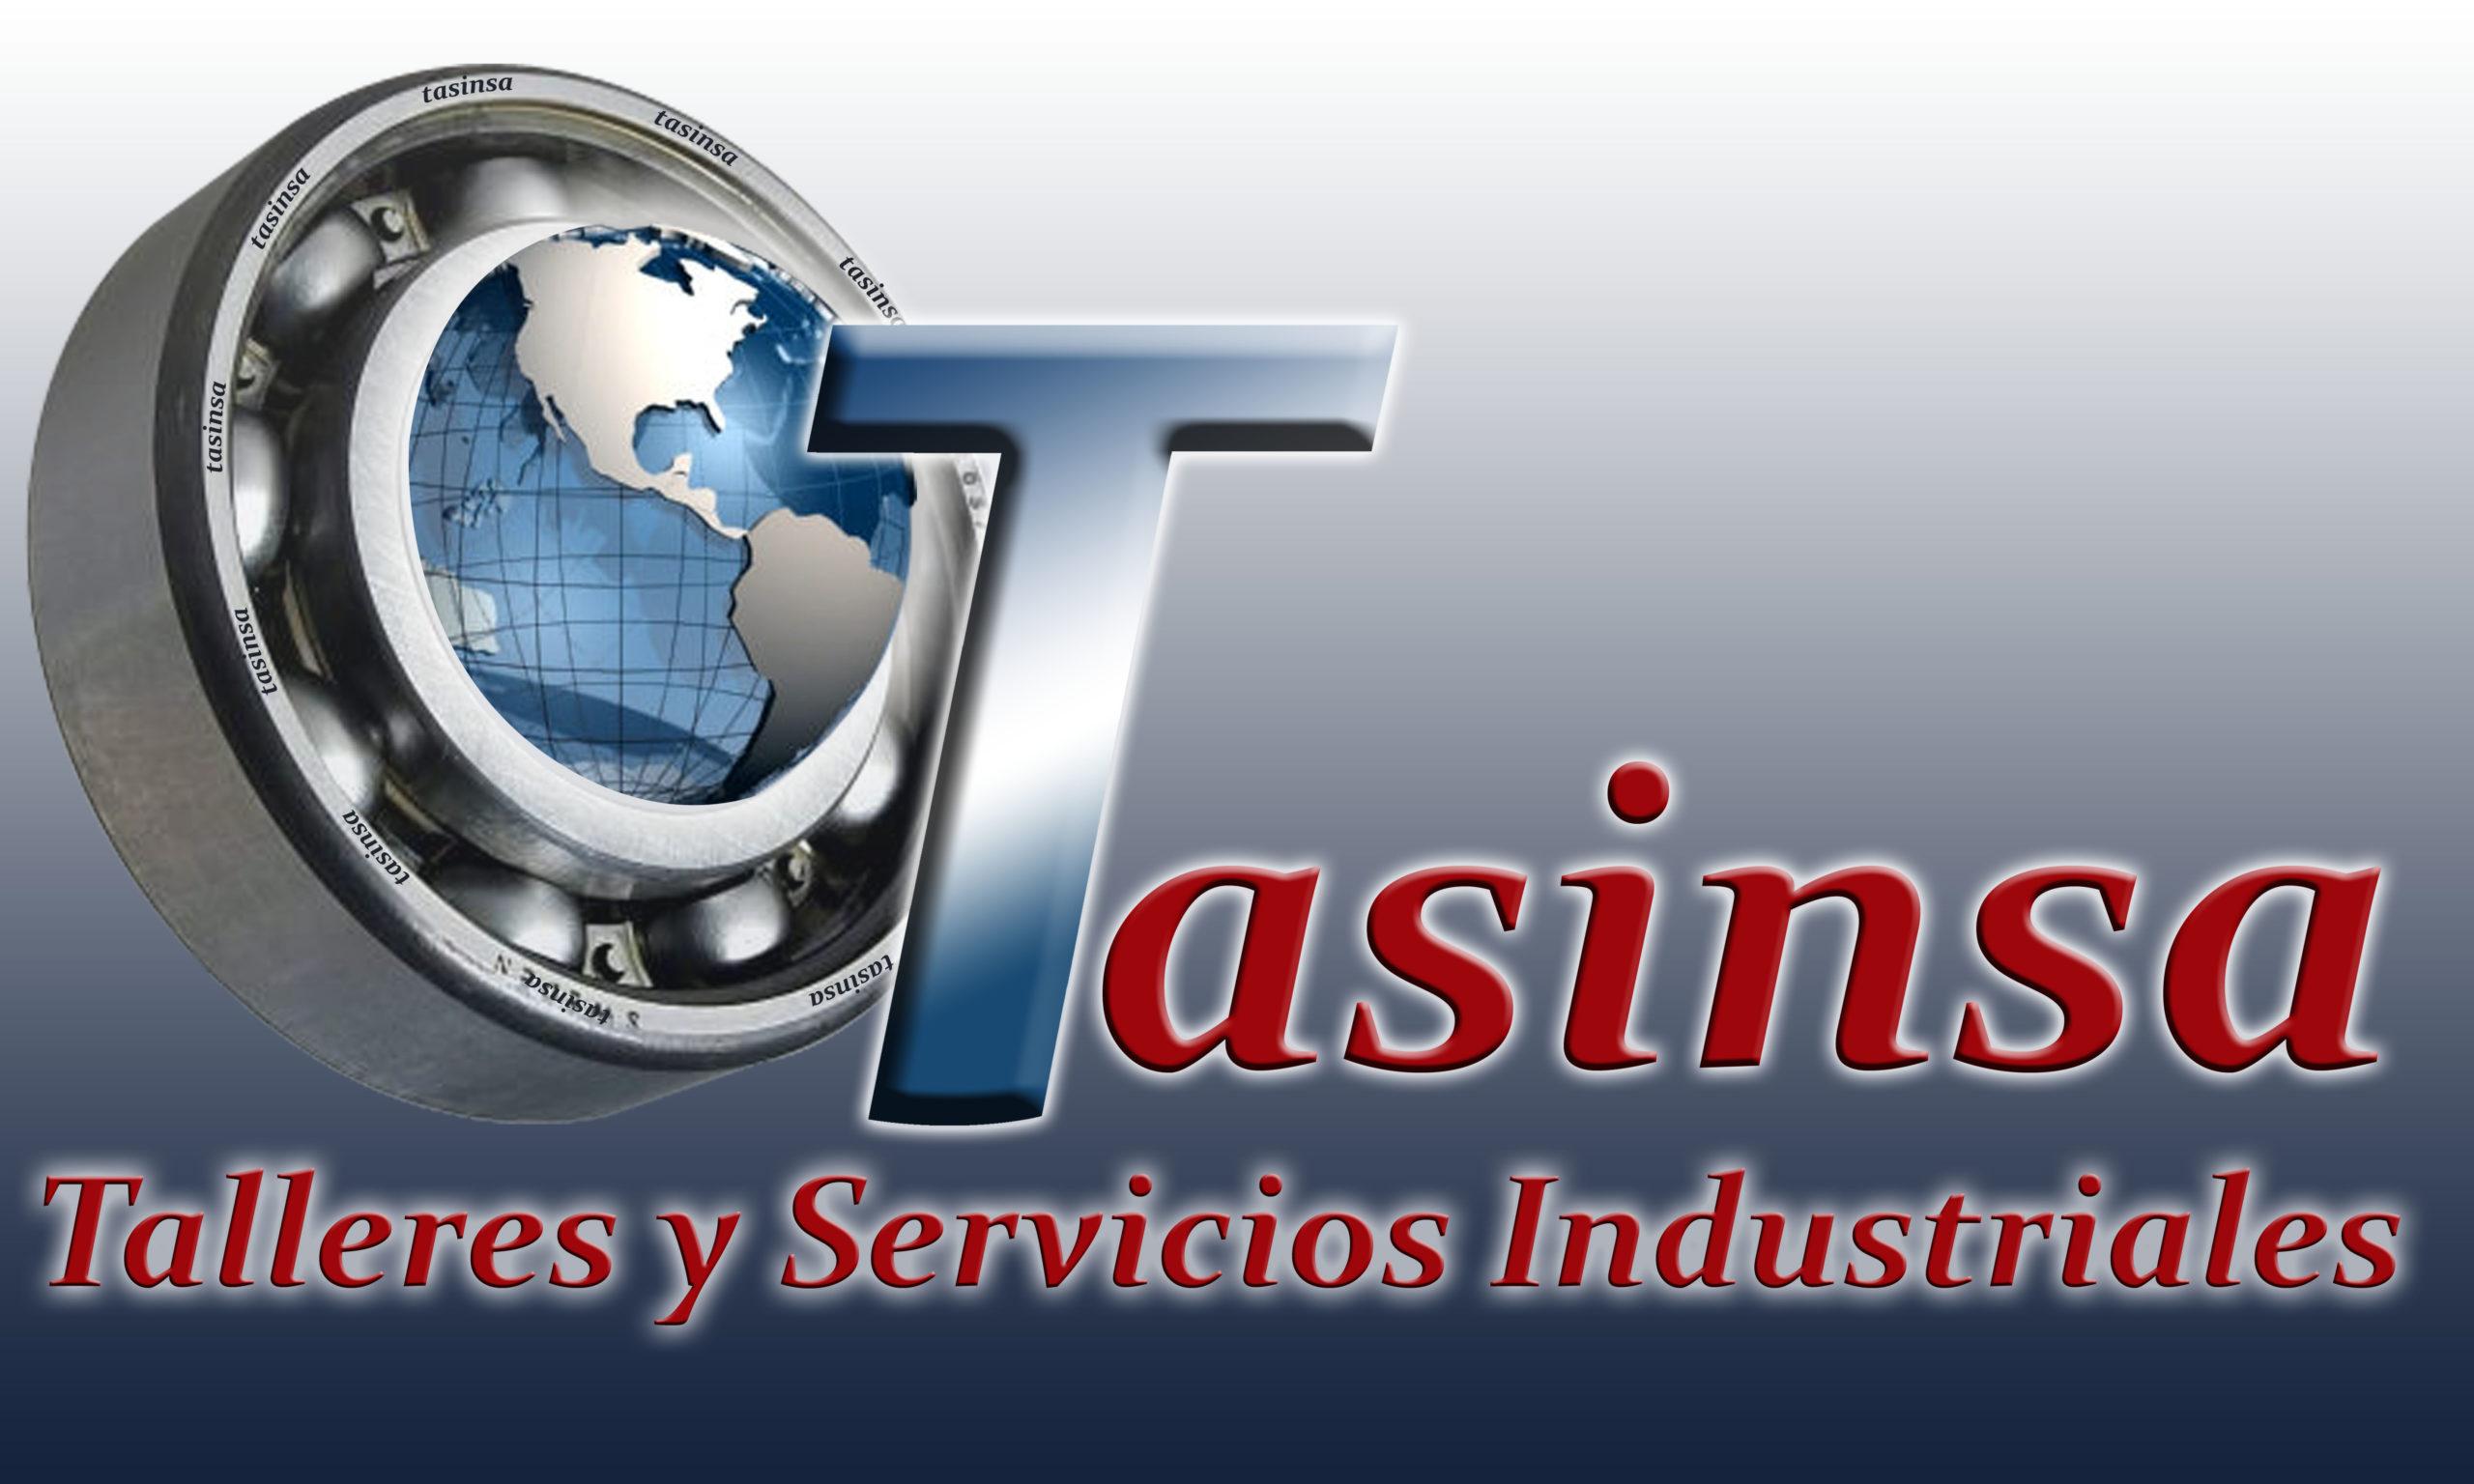 INVERSIONES DEL PACIFICO, S.A.